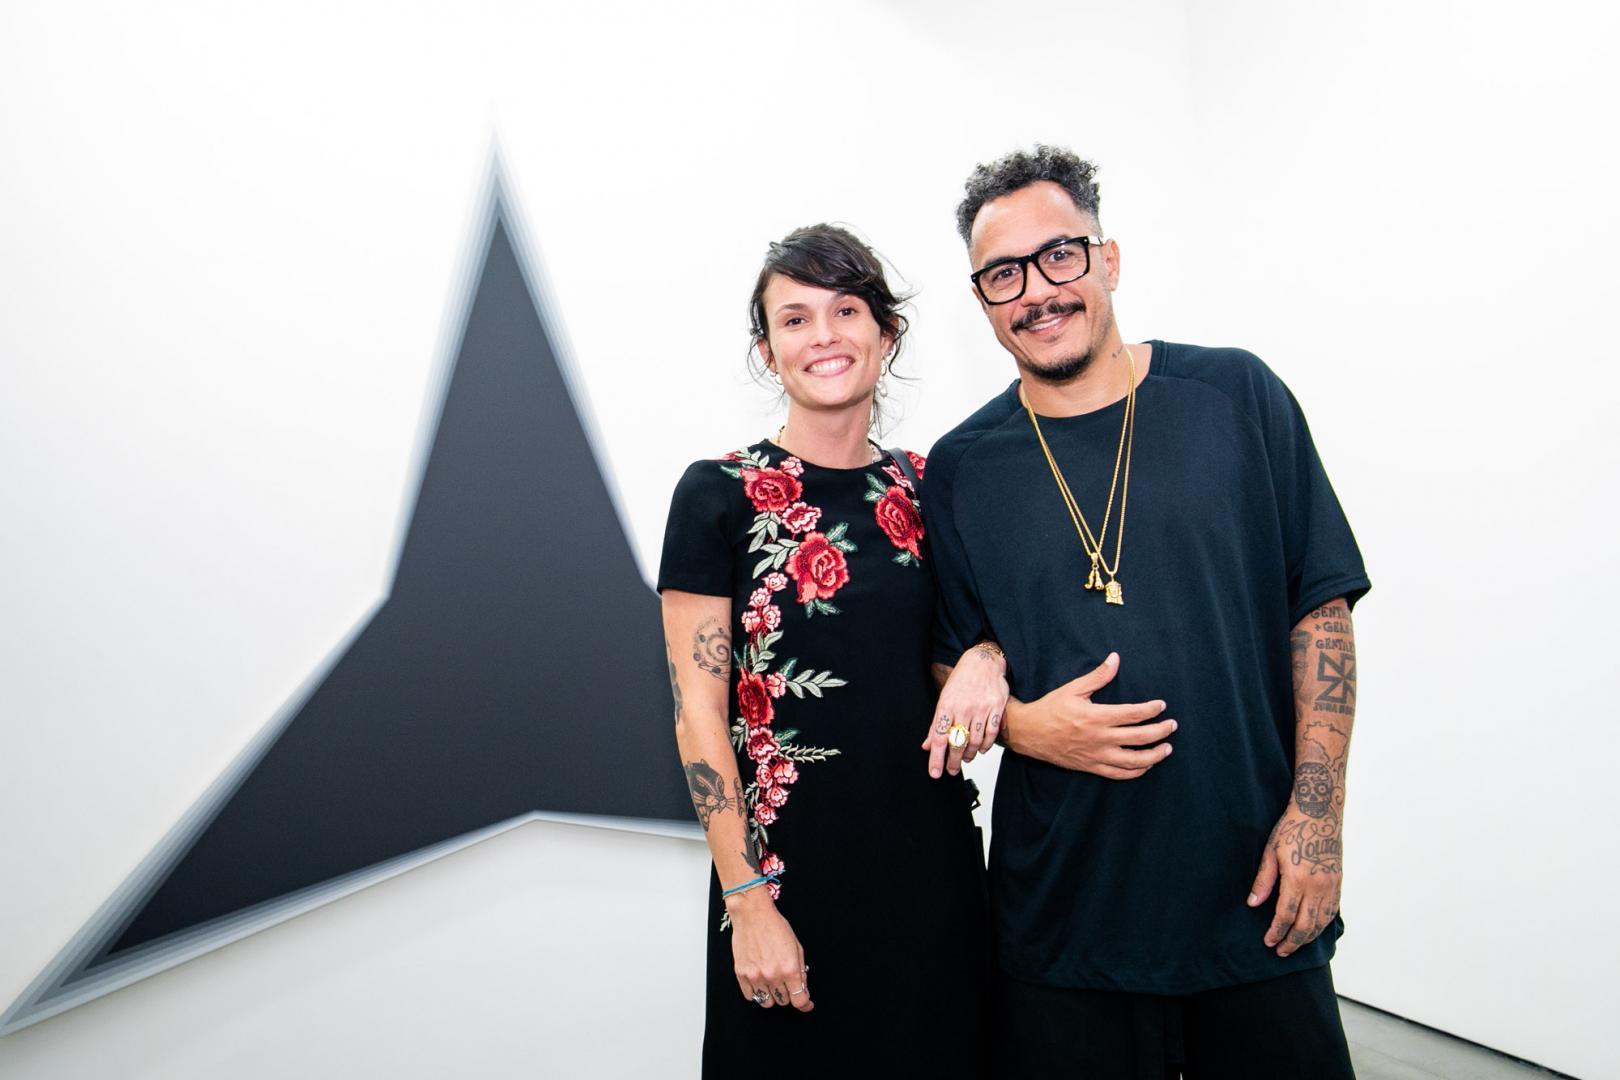 Abertura da exposição de Philippe Decrauzat  atrai jovens e famosos